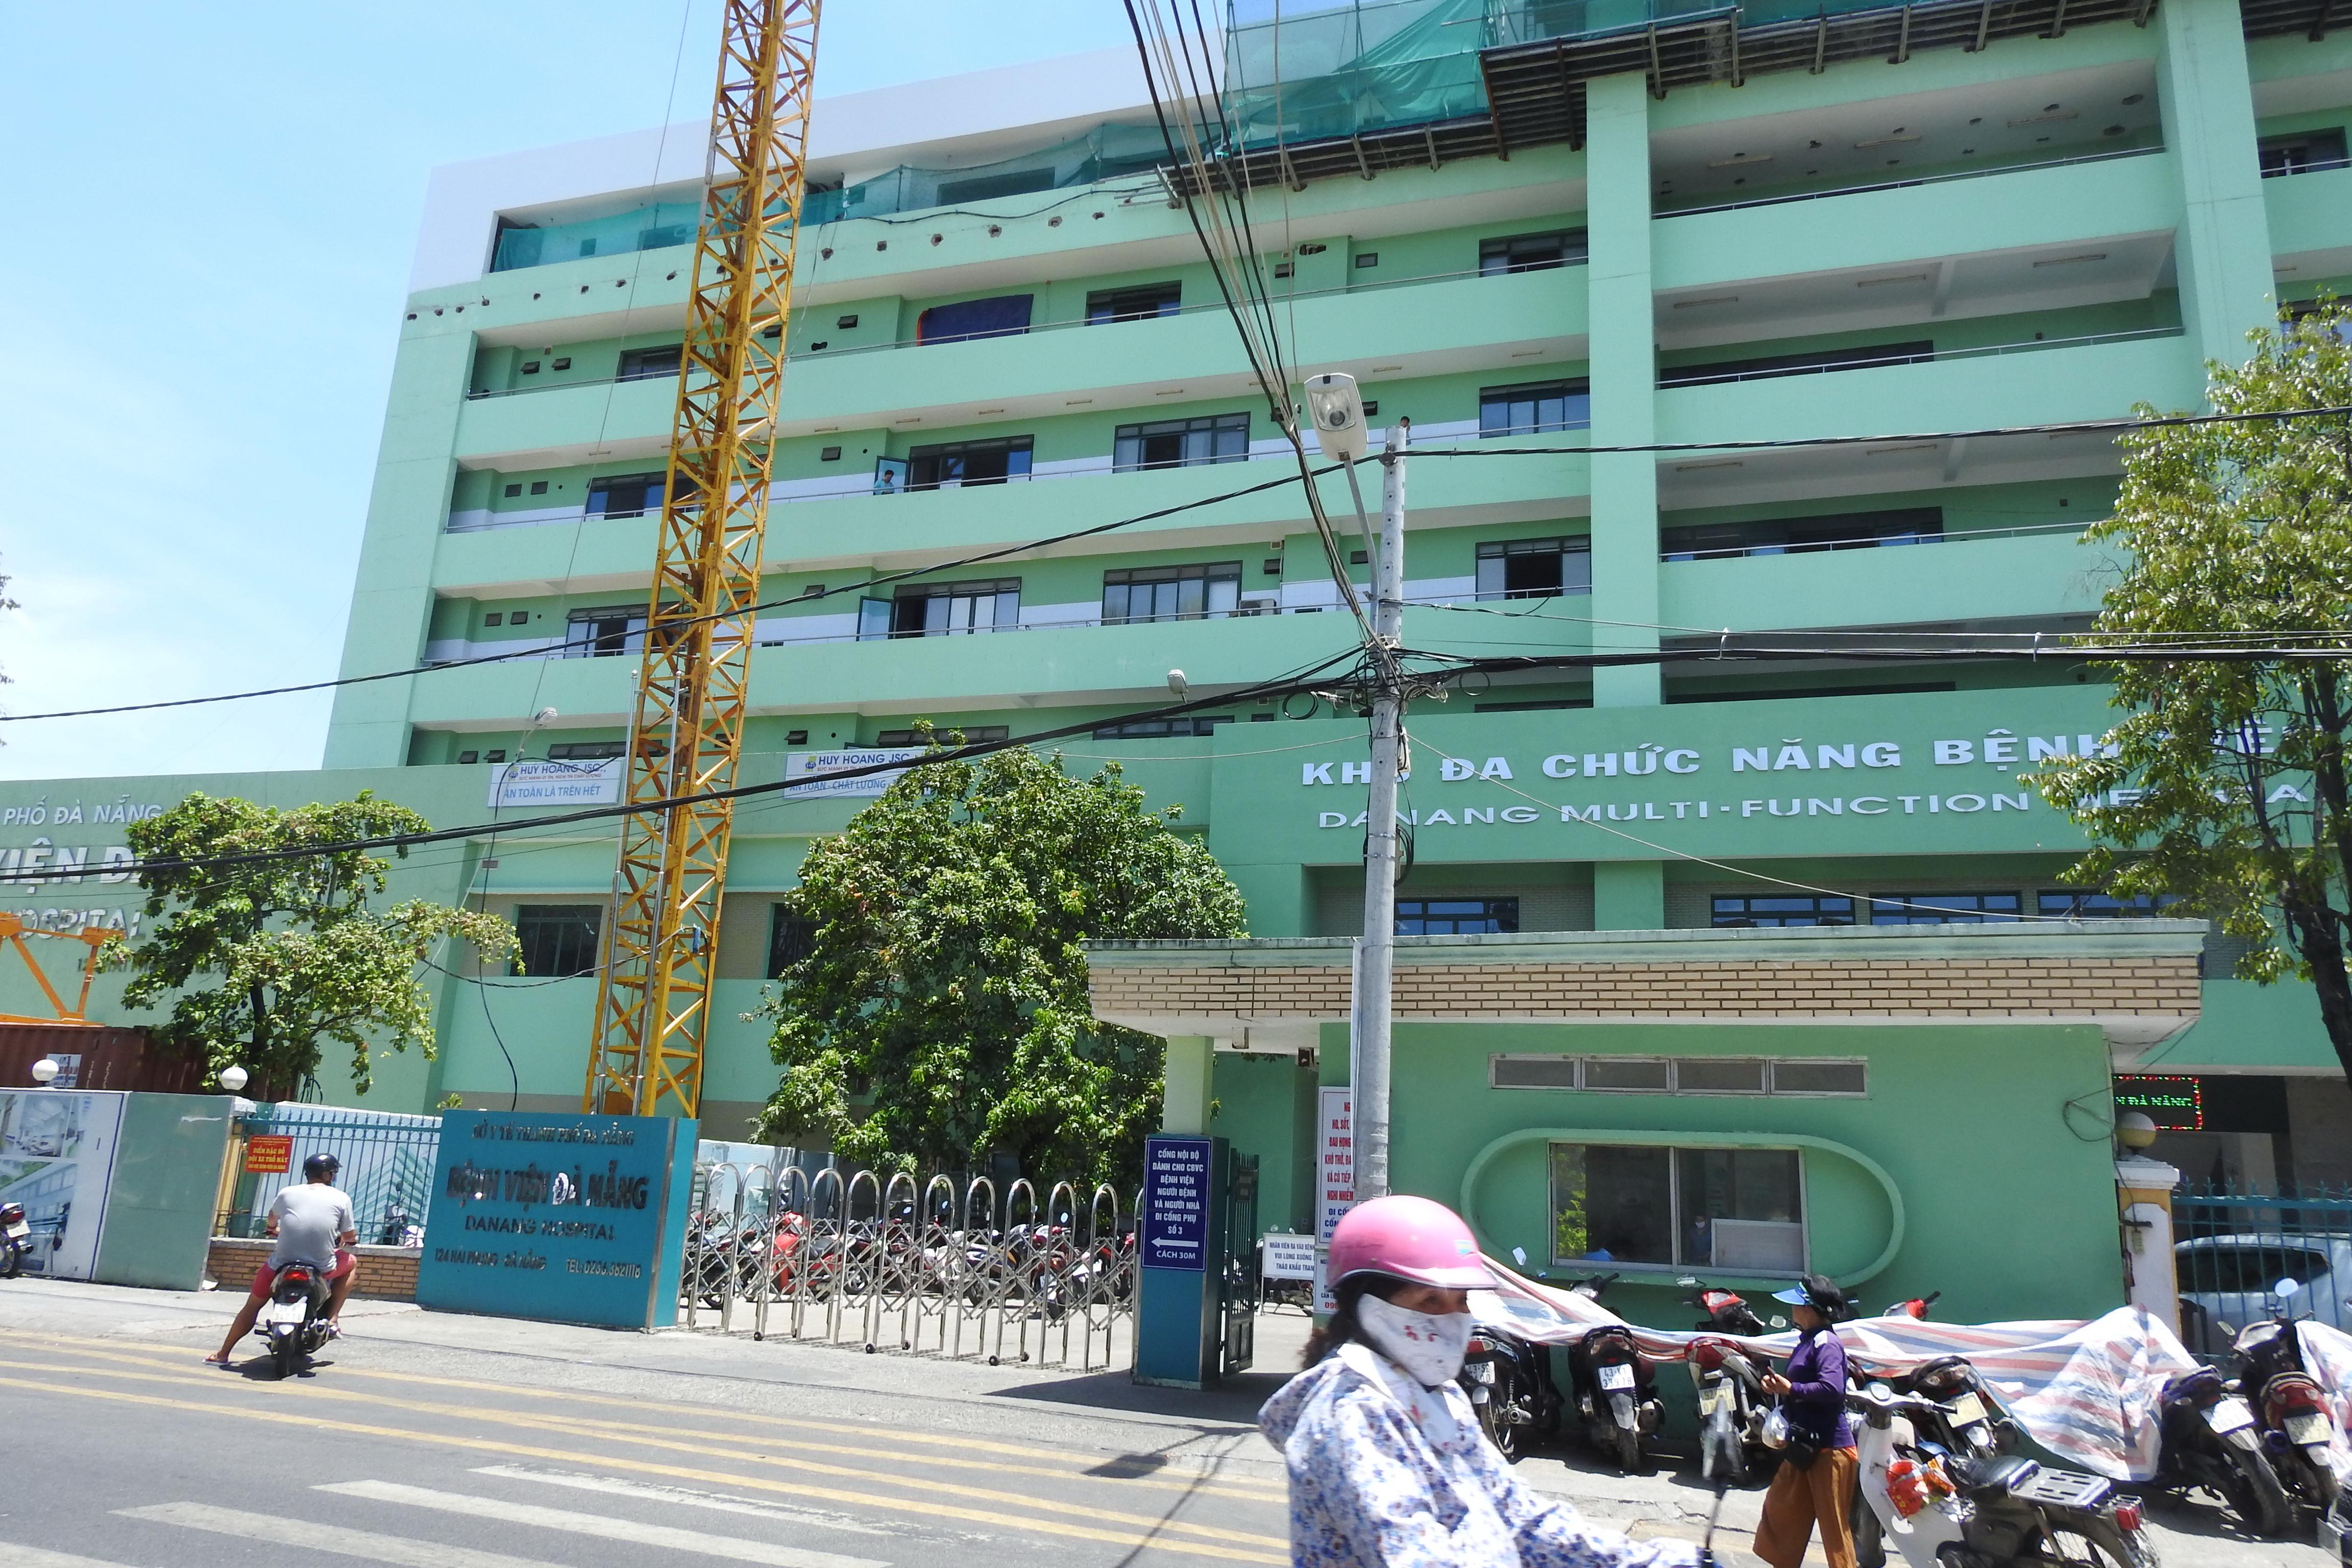 Bệnh viện Đà Nẵng – nơi bệnh nhân dương tính với Covid – 19 số 416 đang điều trị. Ảnh: Thanh Tùng.